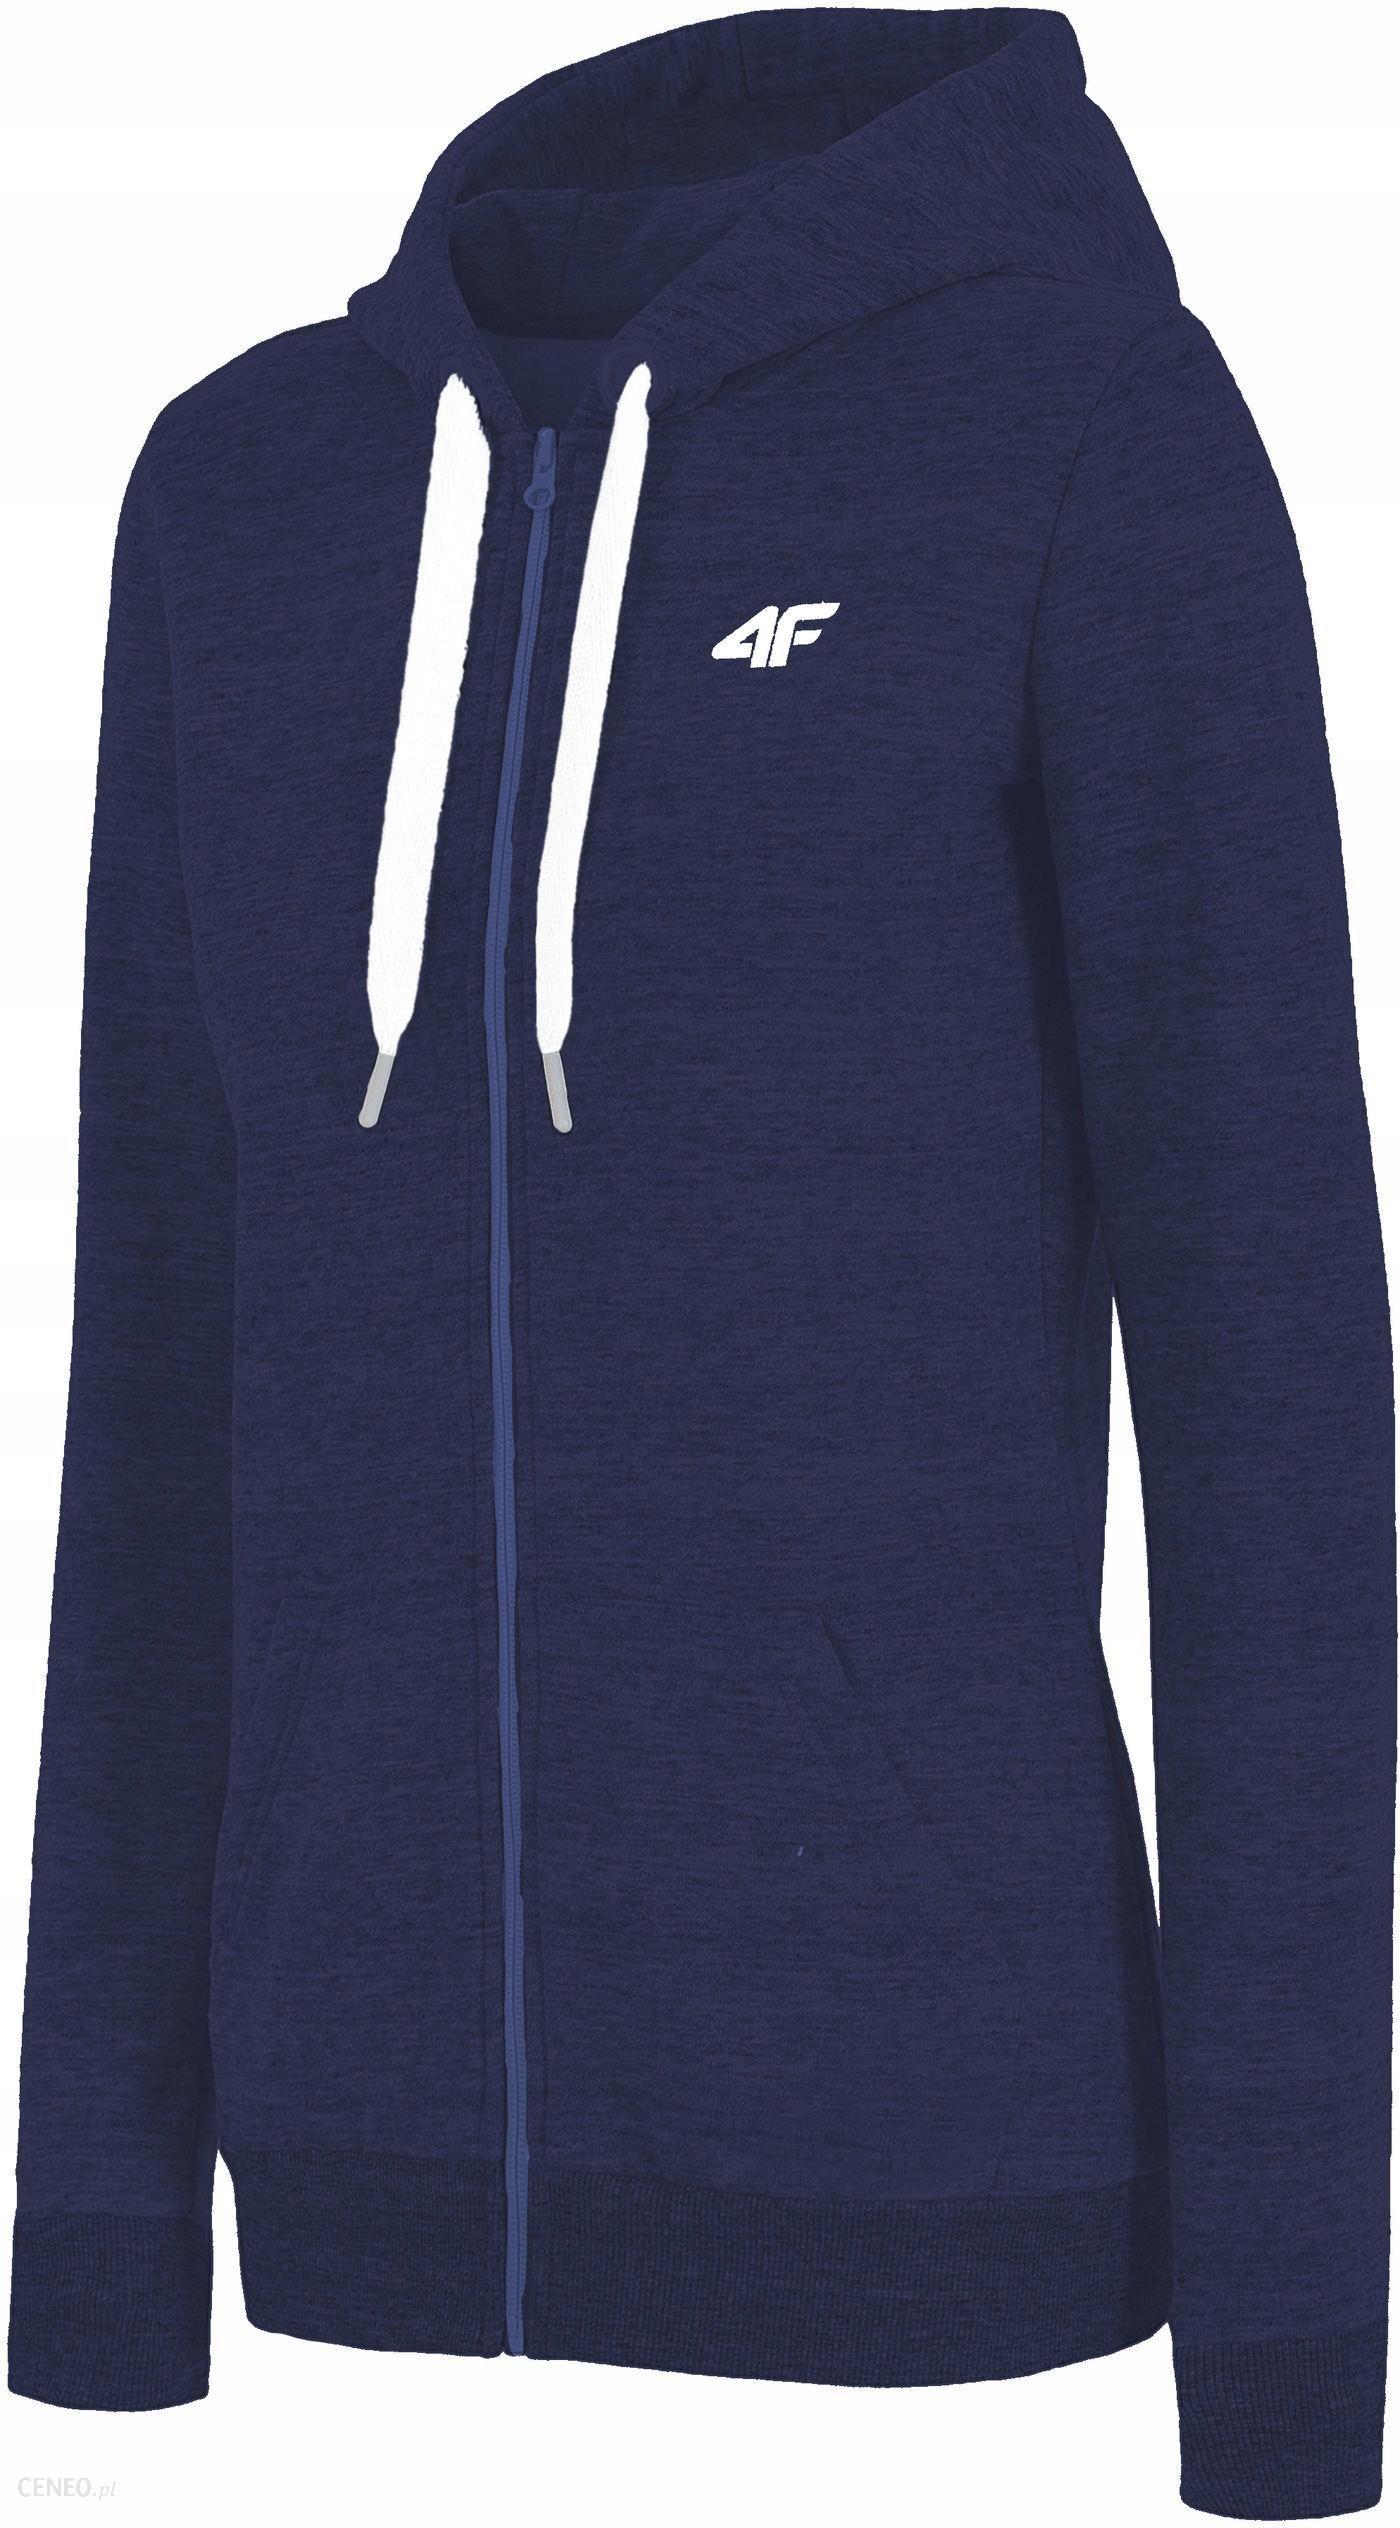 Bluza damska Adidas Neo Logo kaptur rozm. XS Ceny i opinie Ceneo.pl